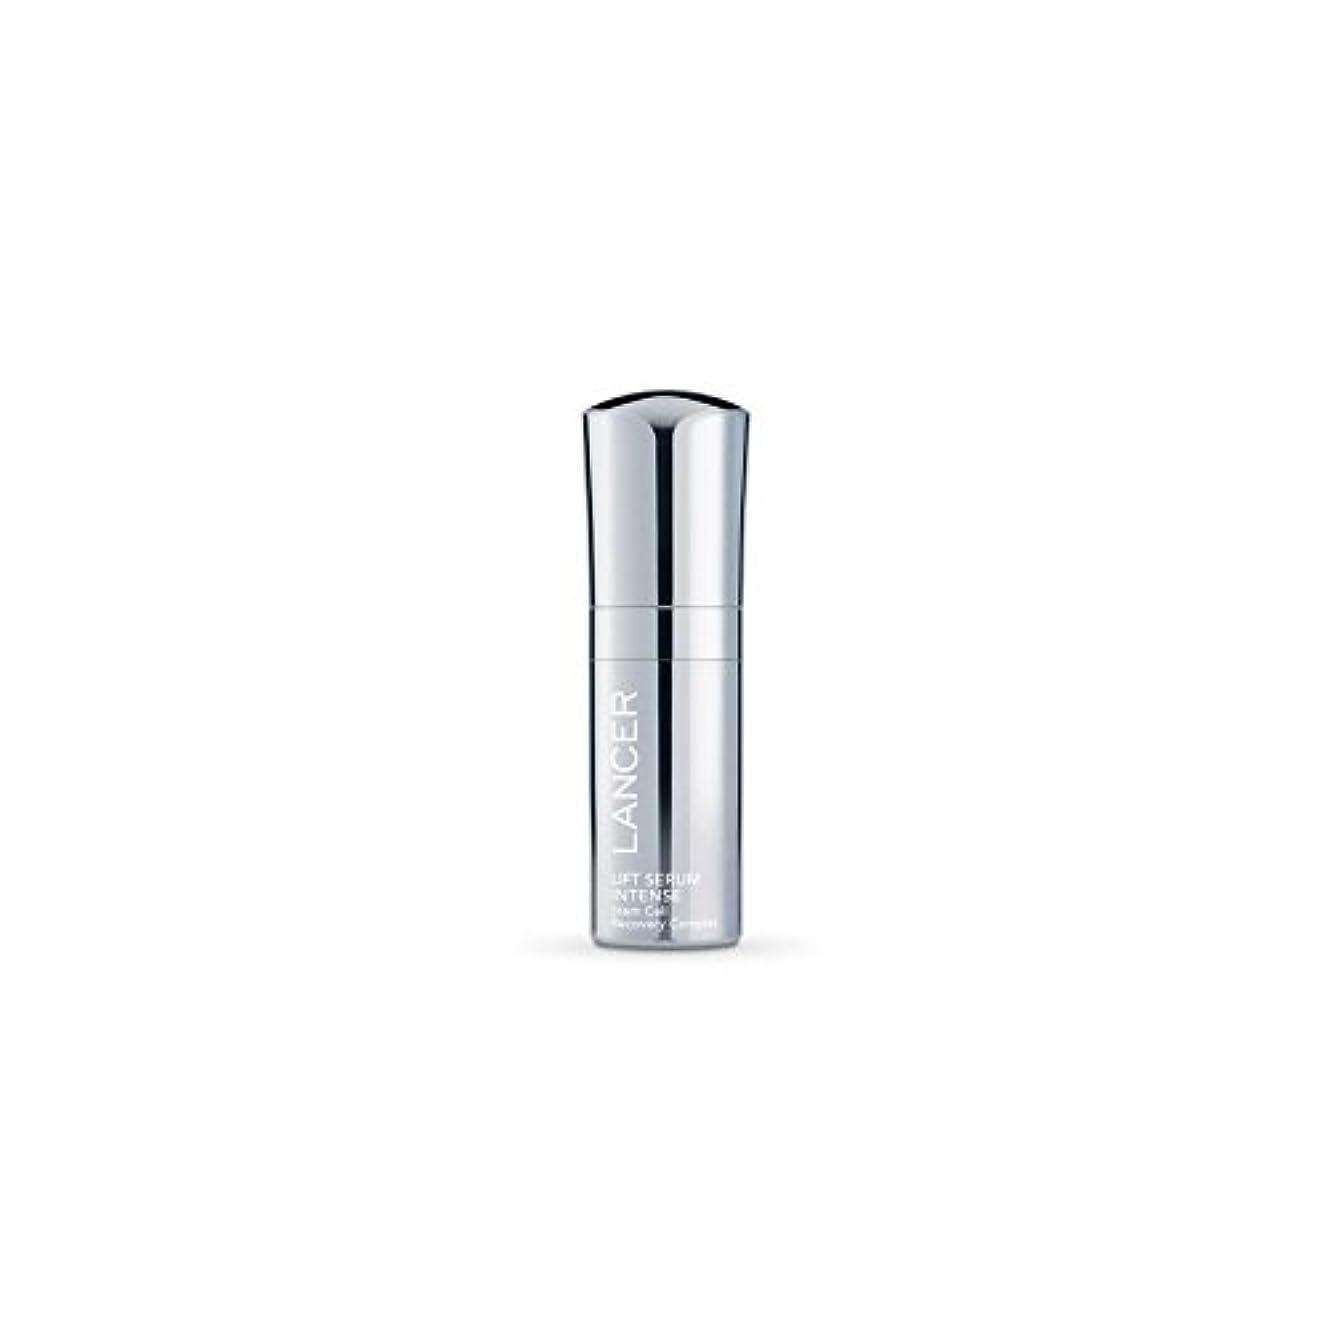 感嘆堀神聖強烈ランサースキンケアリフト血清(30ミリリットル) x4 - Lancer Skincare Lift Serum Intense (30ml) (Pack of 4) [並行輸入品]